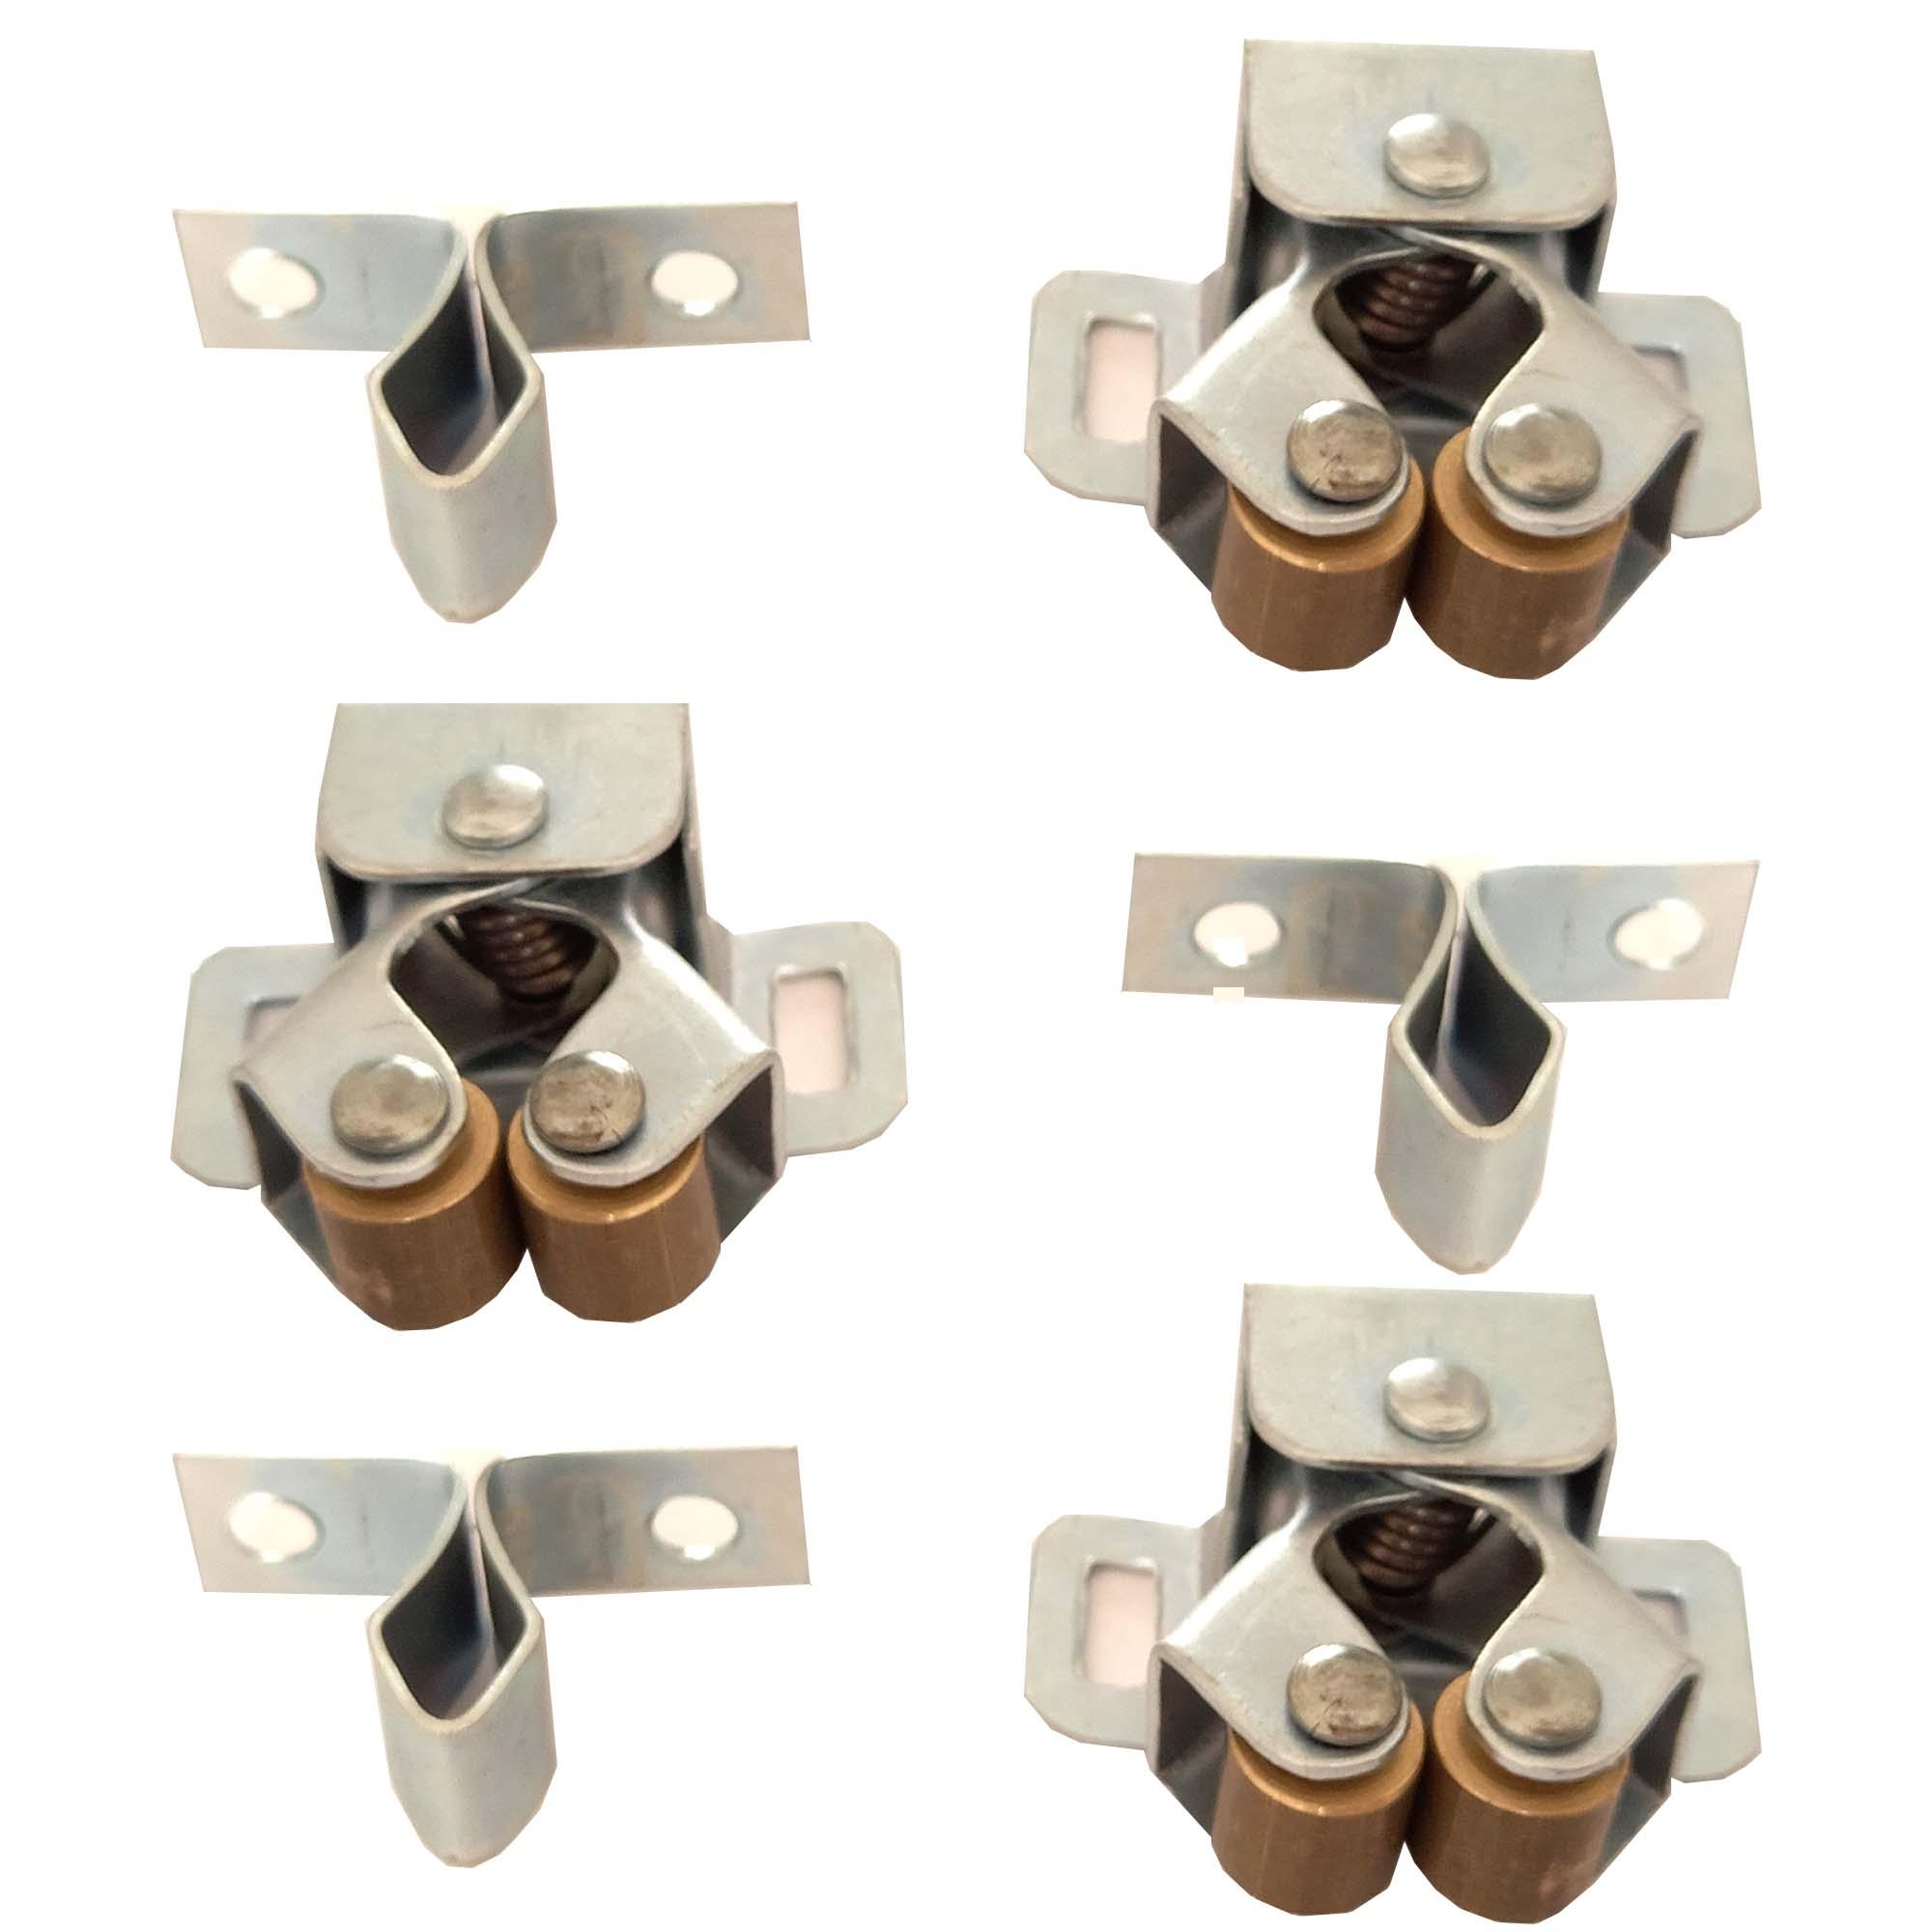 قیمت                                      غلتک دوبل کمد و کابینت مدل M1 بسته 3 عددی